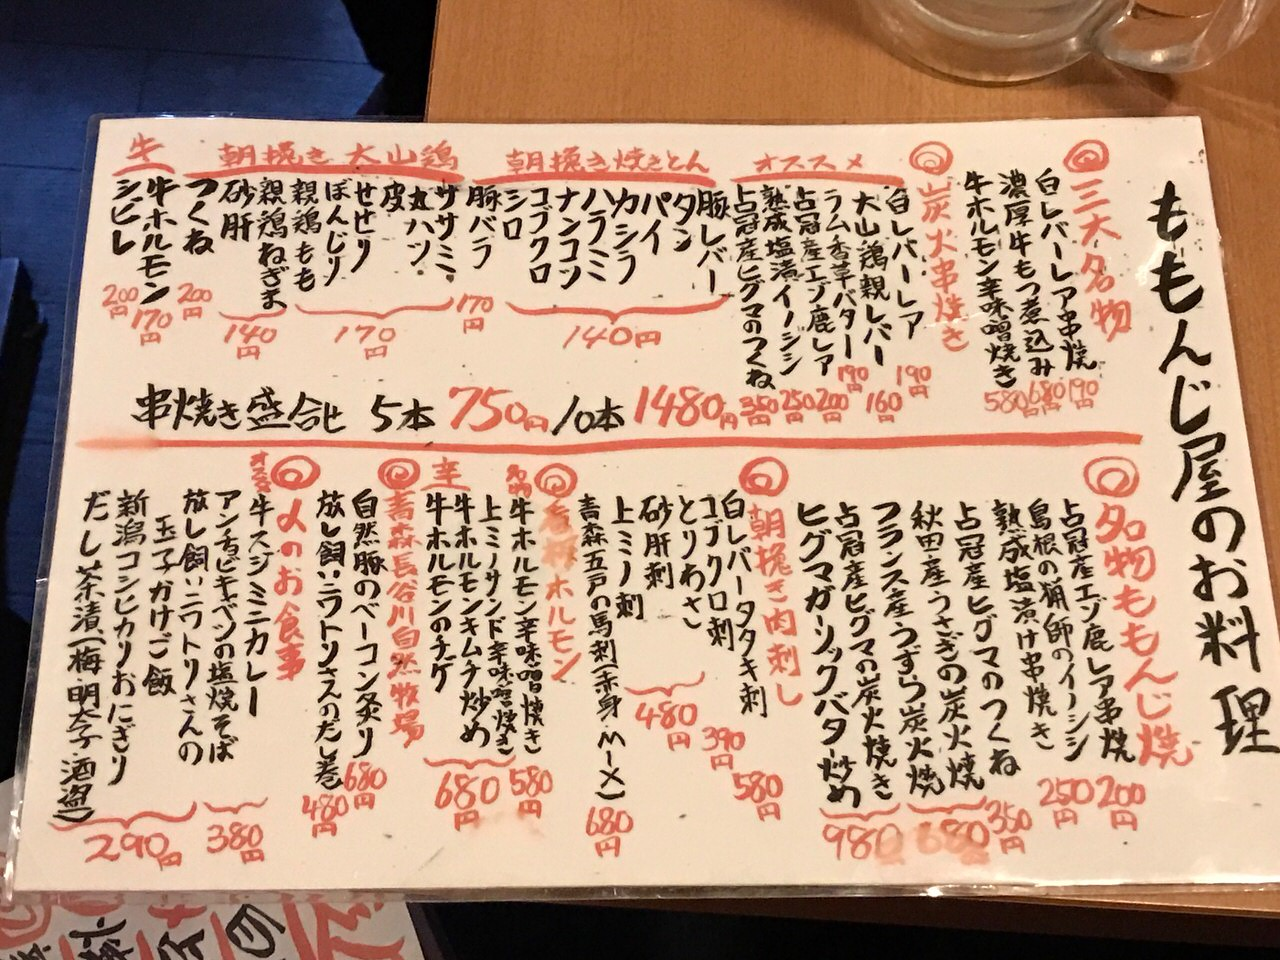 Momonjiya kanda 9660